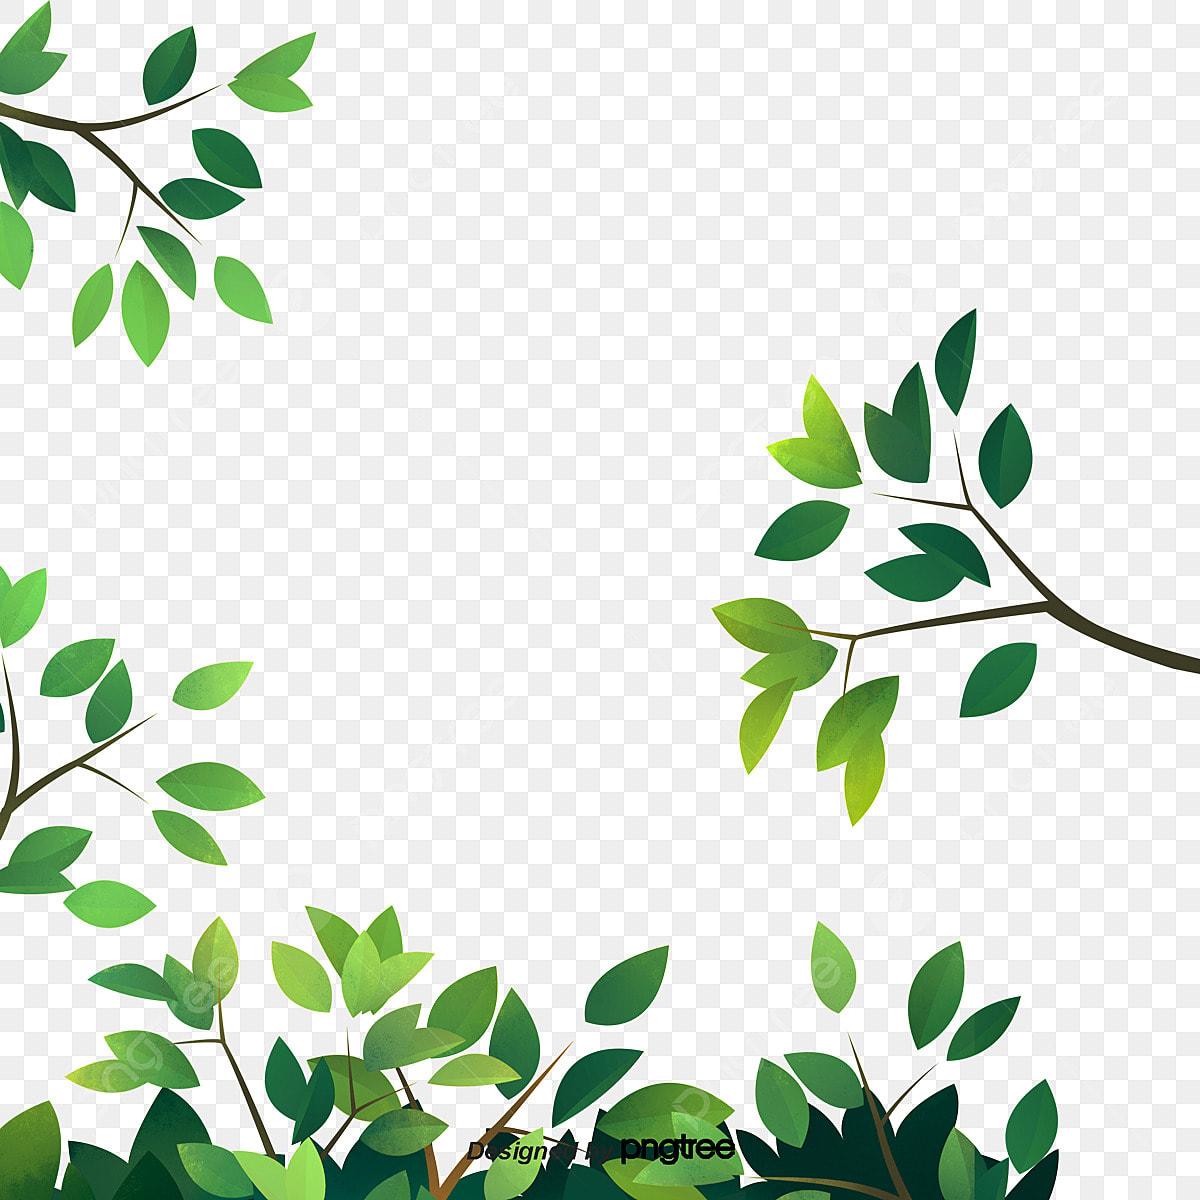 زخرفة الورقة الخضراء جزء ورقة الشجر منظر طبيعى Png وملف Psd للتحميل مجانا